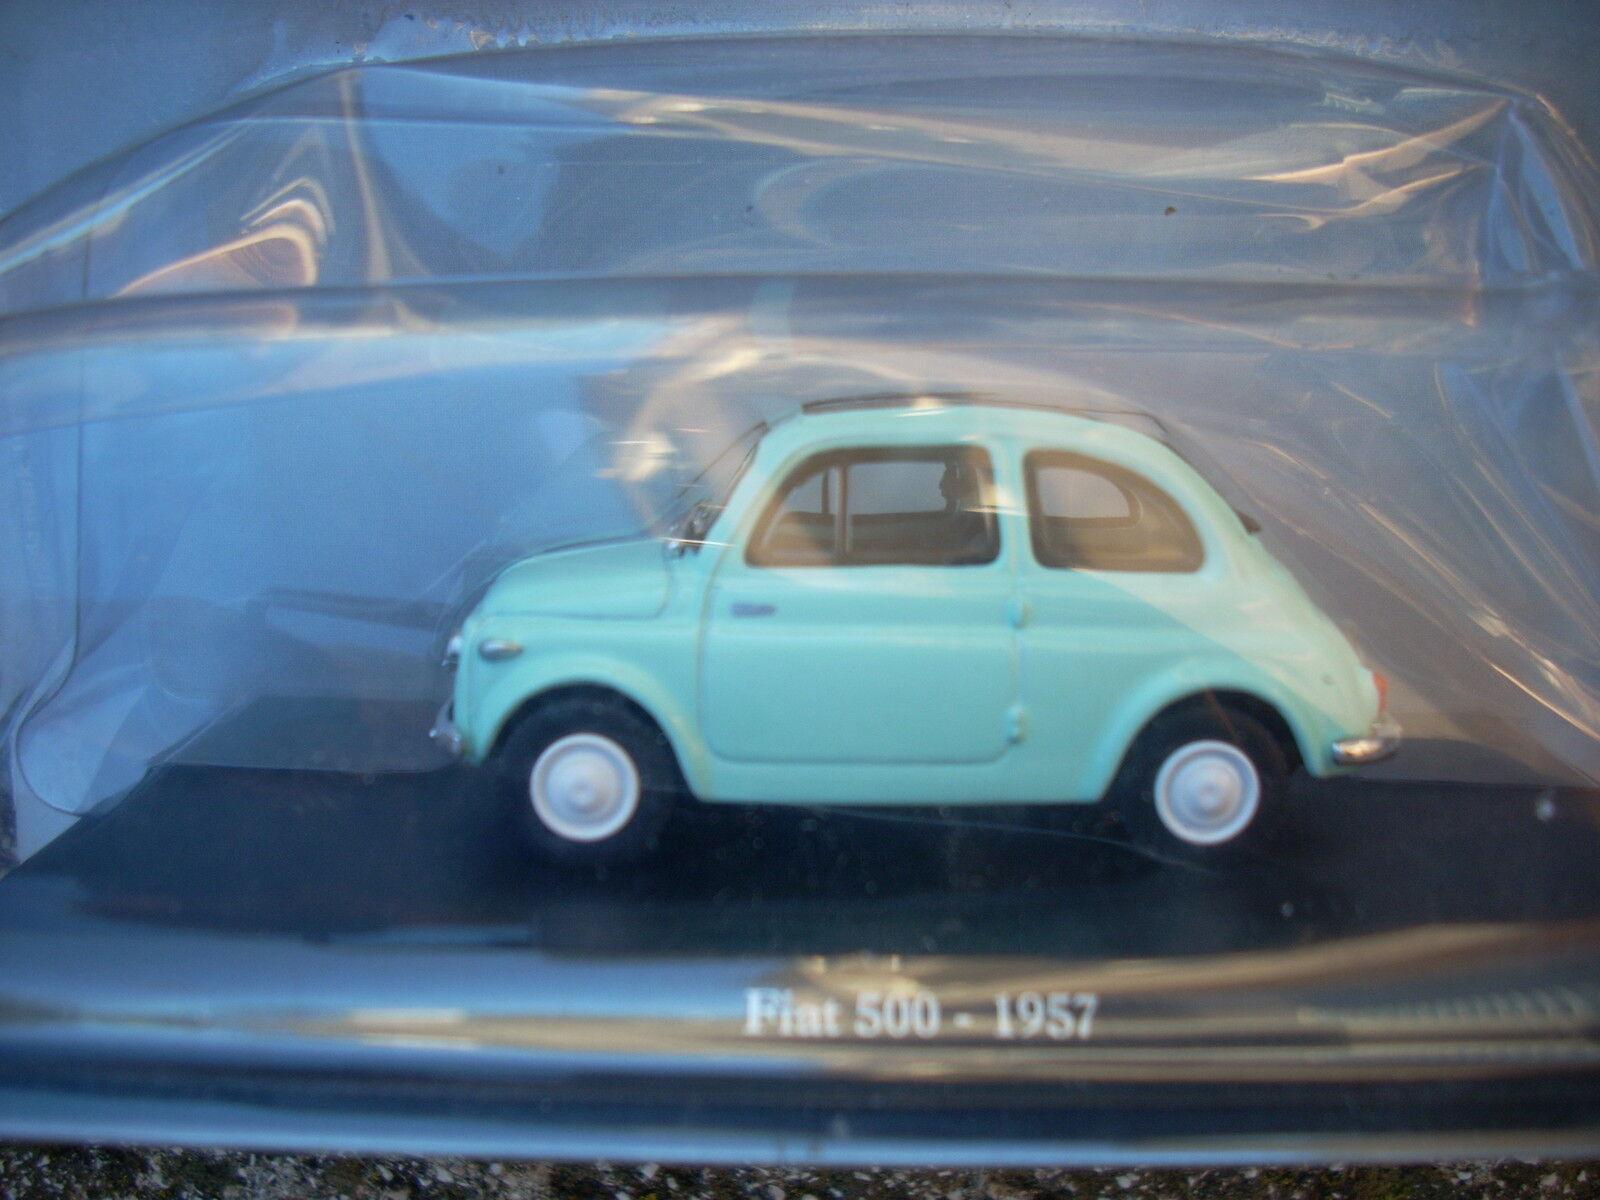 FIAT 500-1957 HACHETTE HACHETTE HACHETTE ESCALA 1 43  promociones